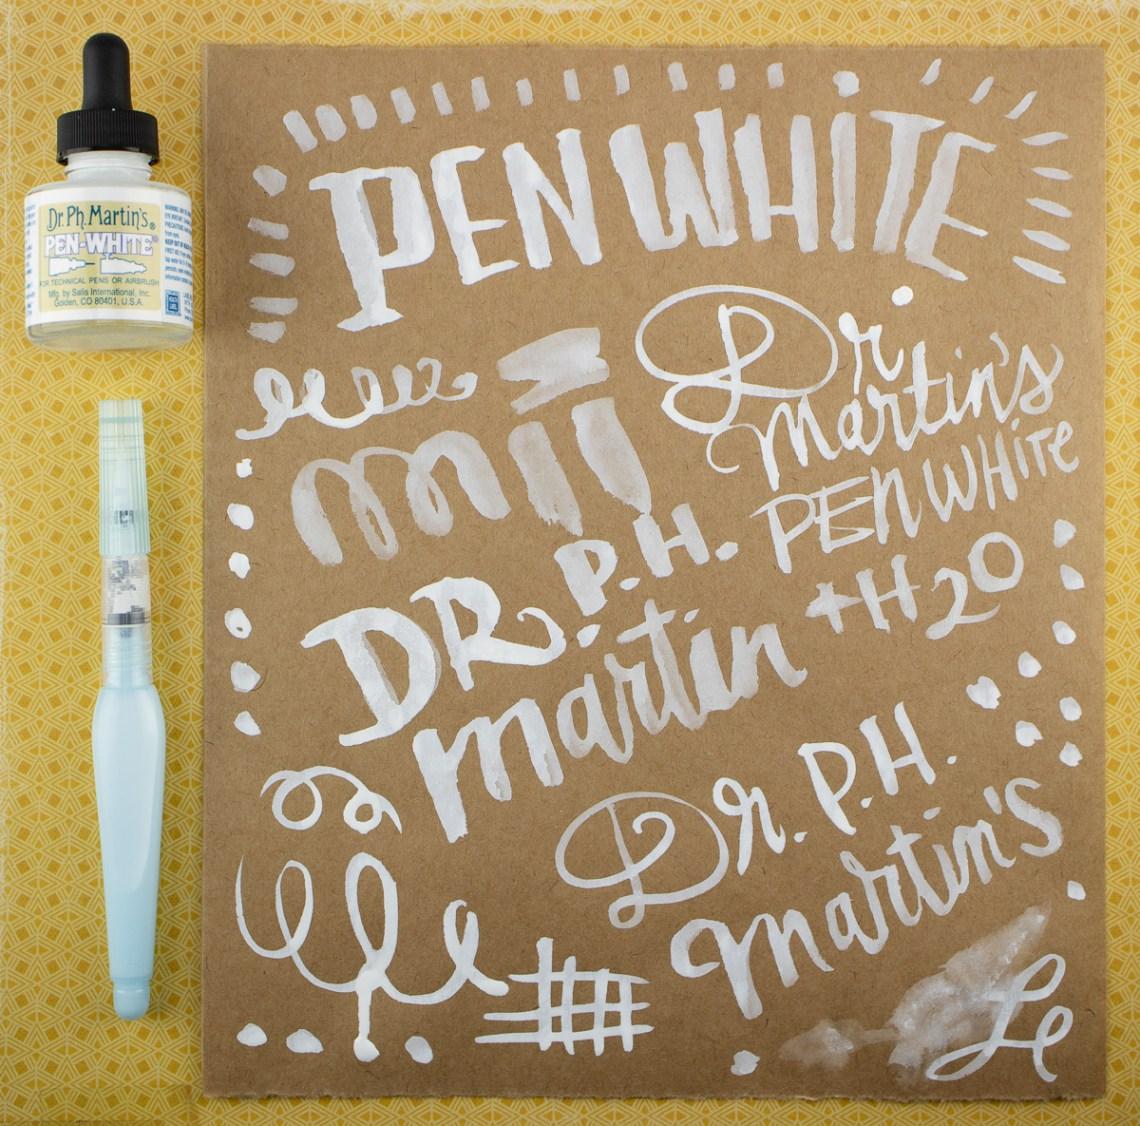 Dr. PH Martin's Pen White